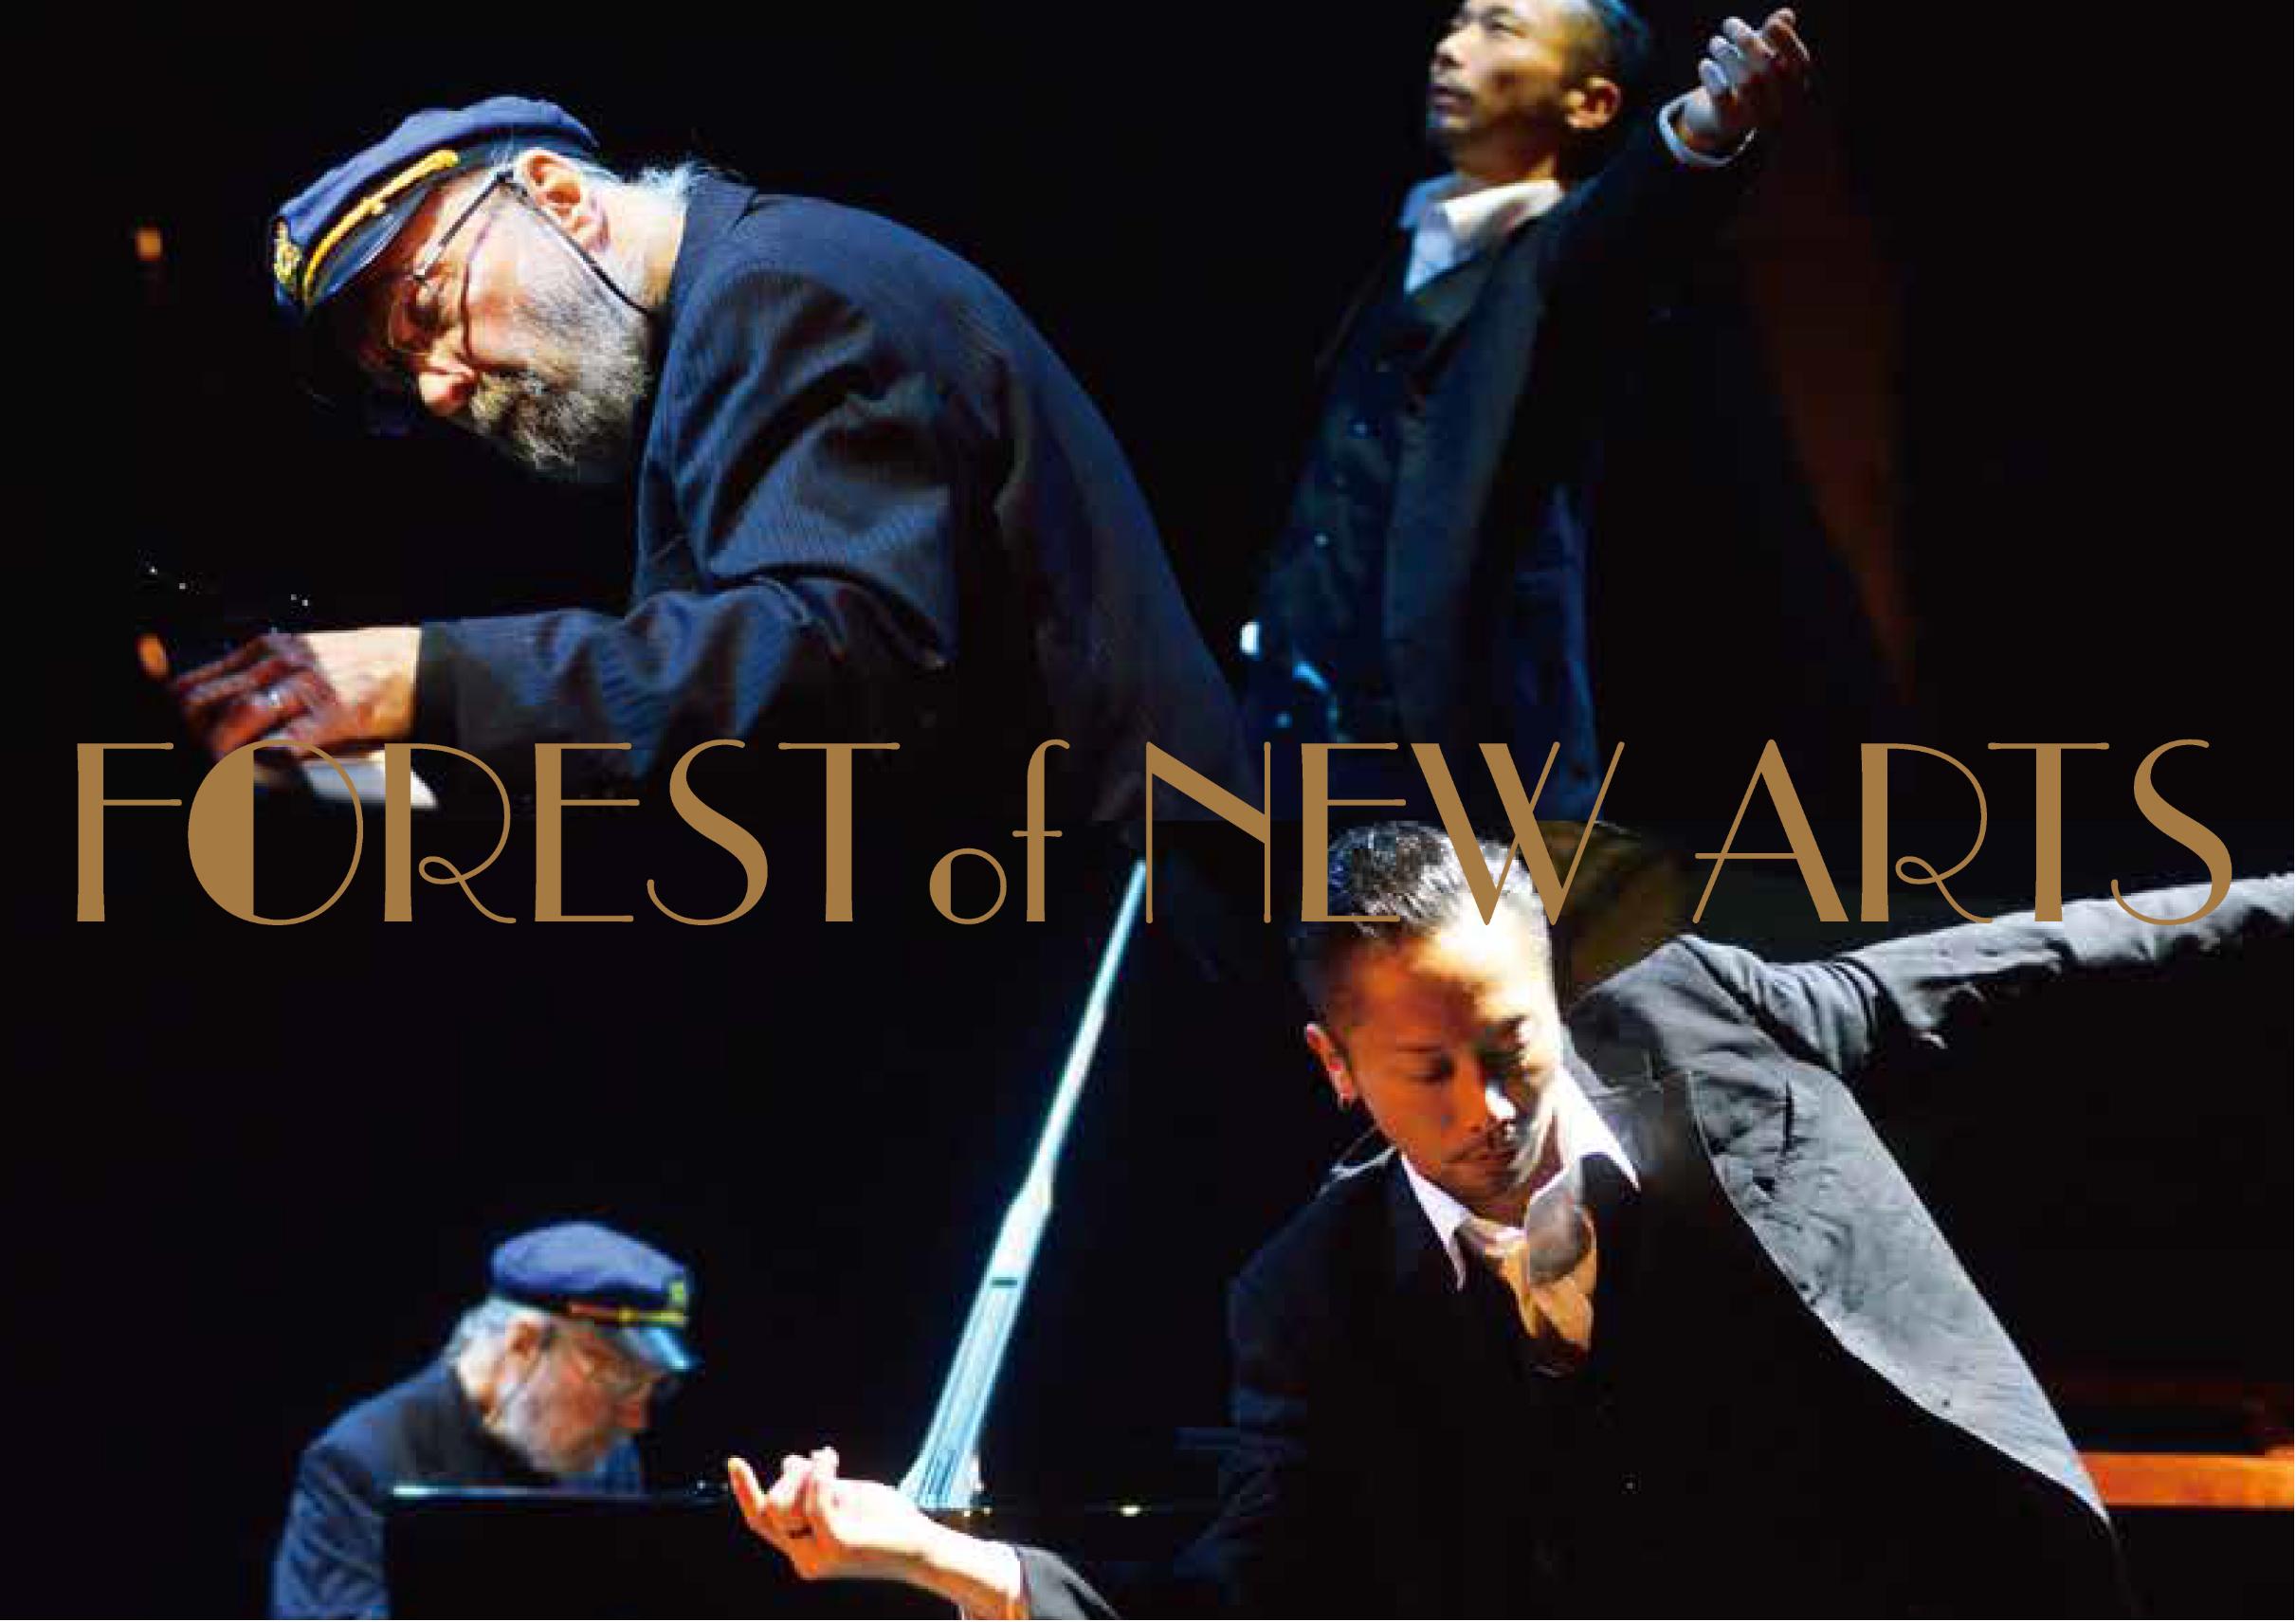 ビッグバンドジャズ×ダンス!Forest of New Arts